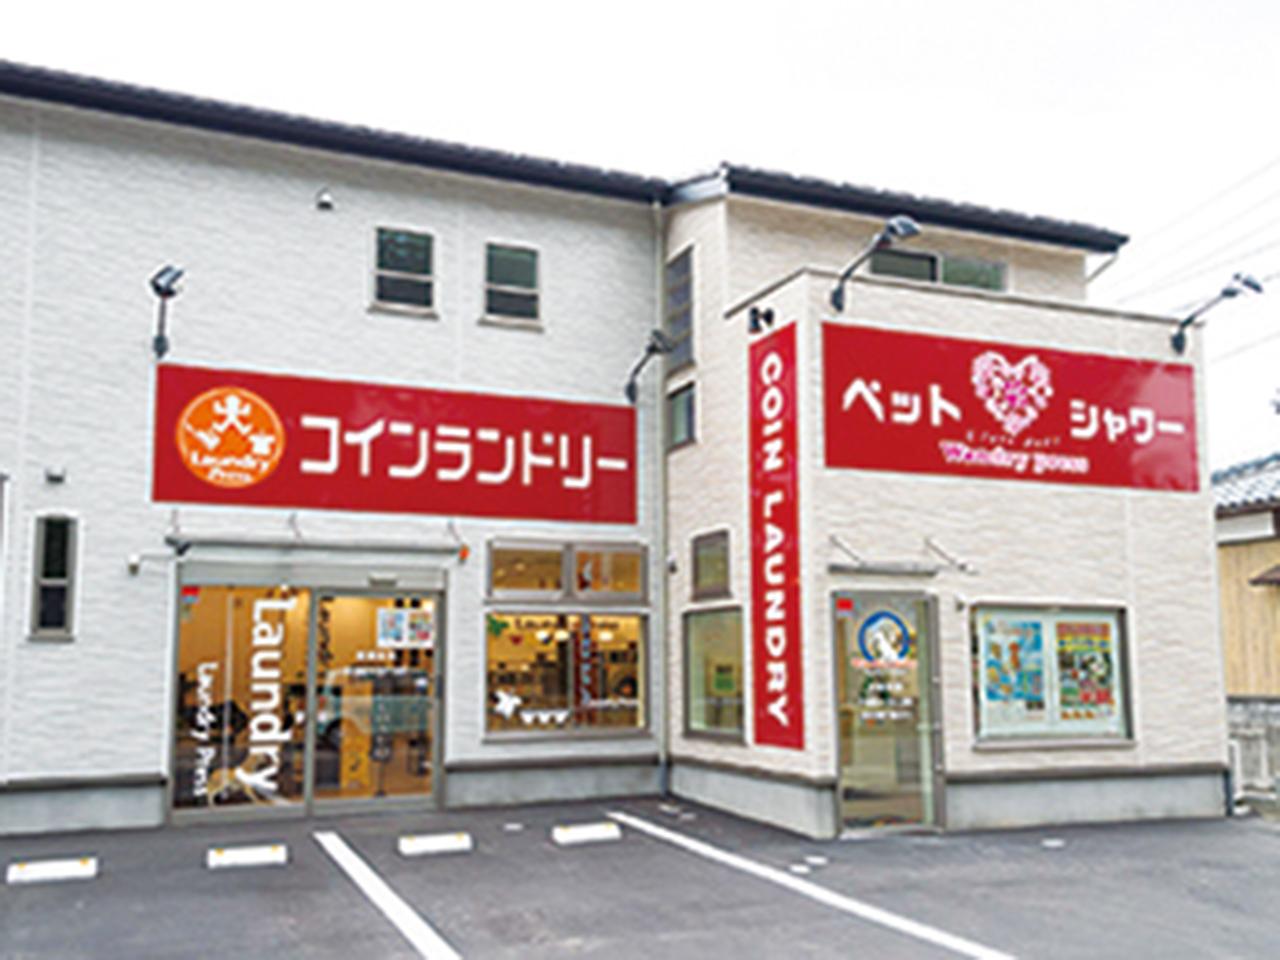 ランドリープレス 新潟店のイメージ